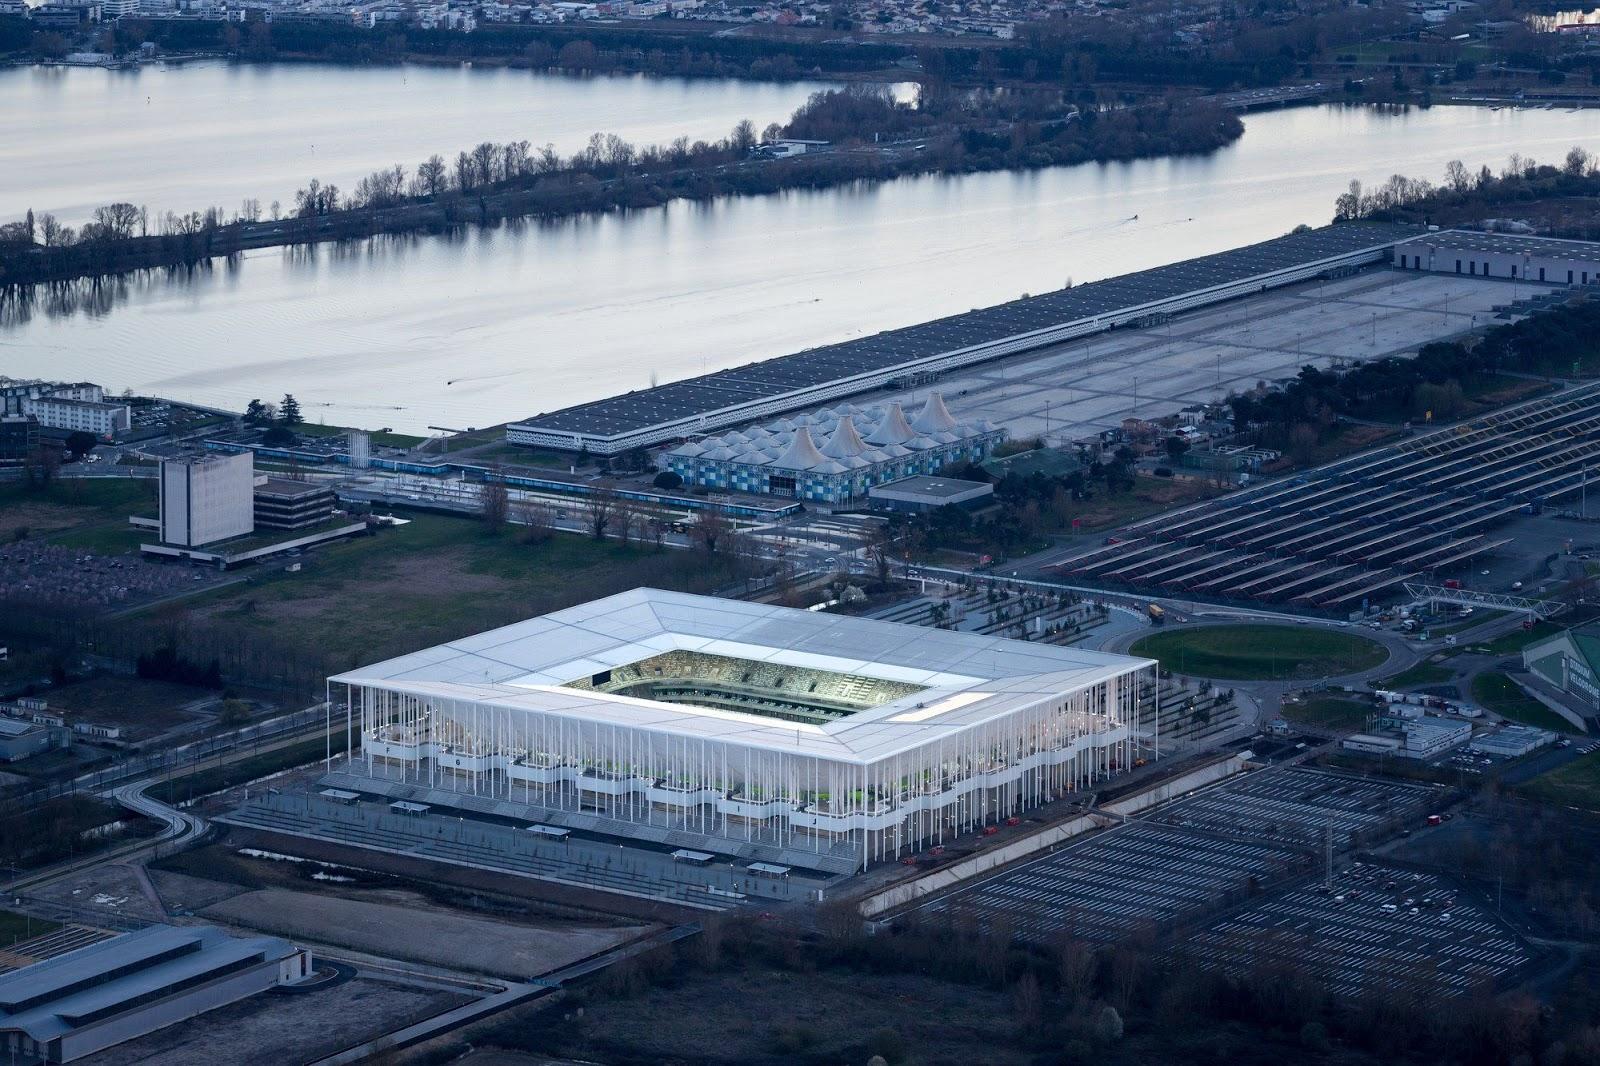 [Topic officiel] Girondins de Bordeaux - Page 5 Herzog+%26+de+meuron+.+nouveau+stade+.+bordeaux+%289%29